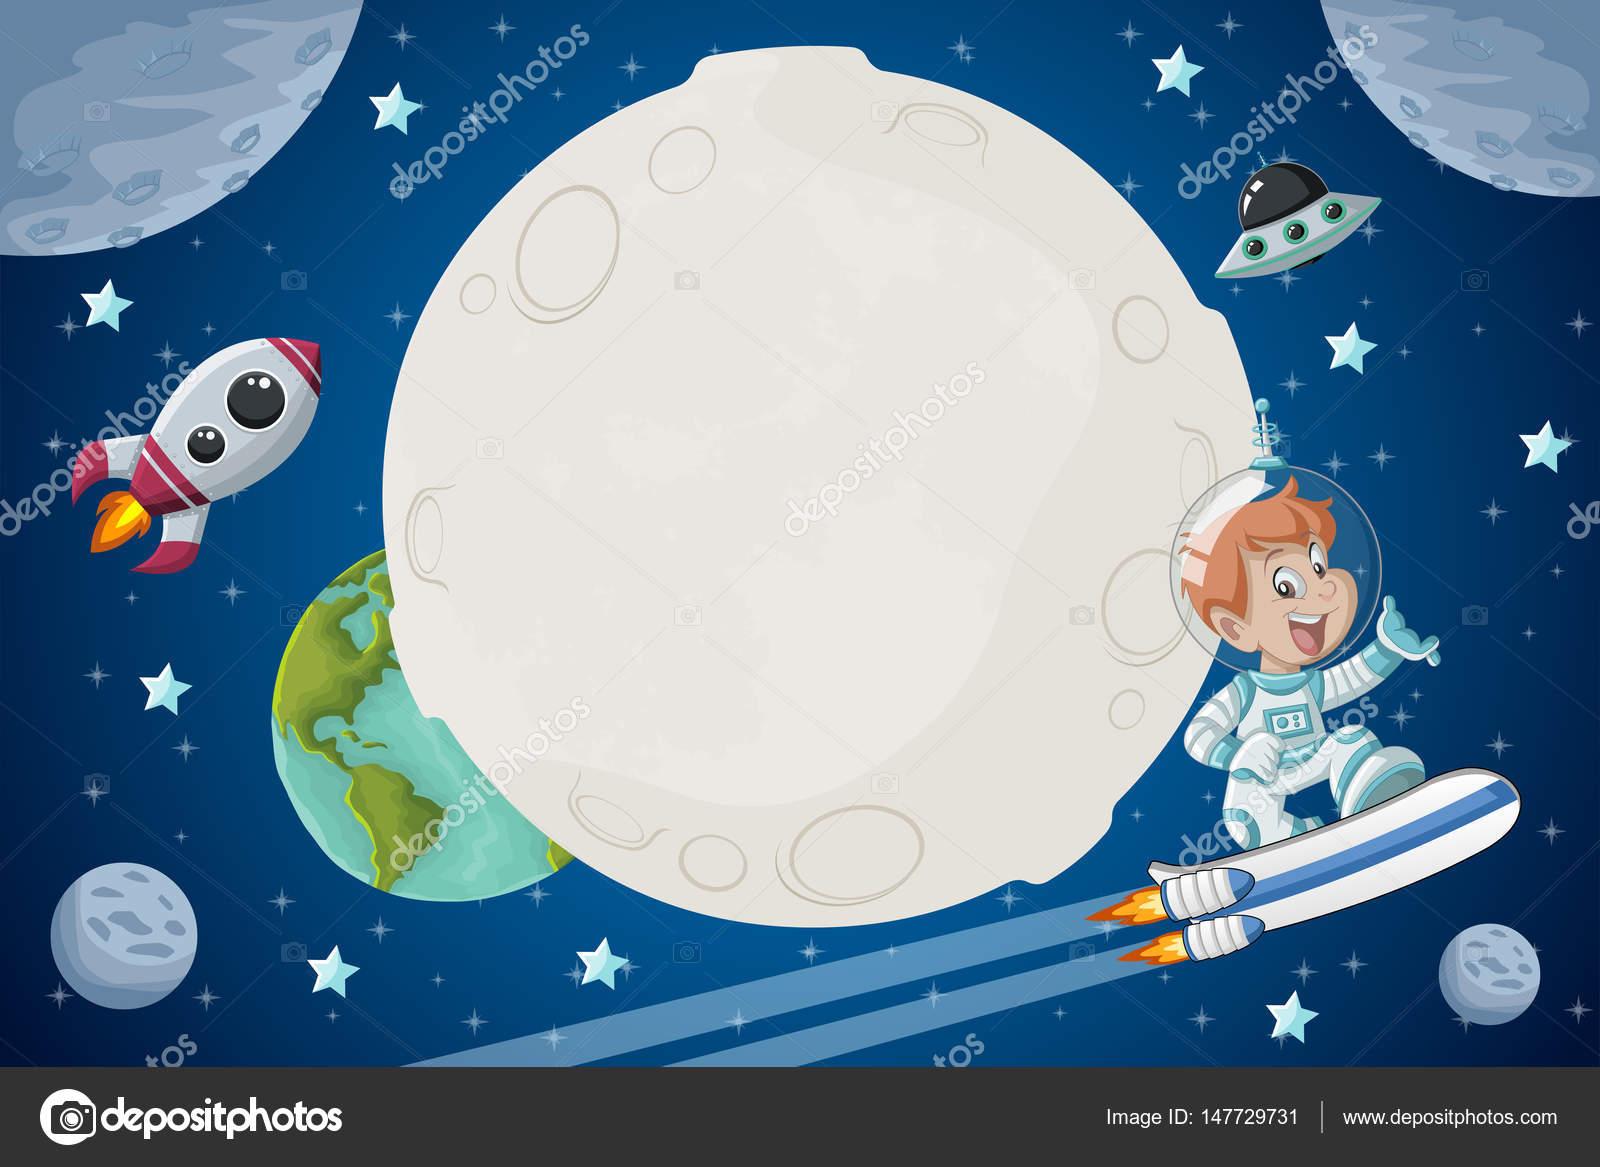 Niño Astronauta En El Espacio: Niño De Dibujos Animados De Astronauta Volando En El